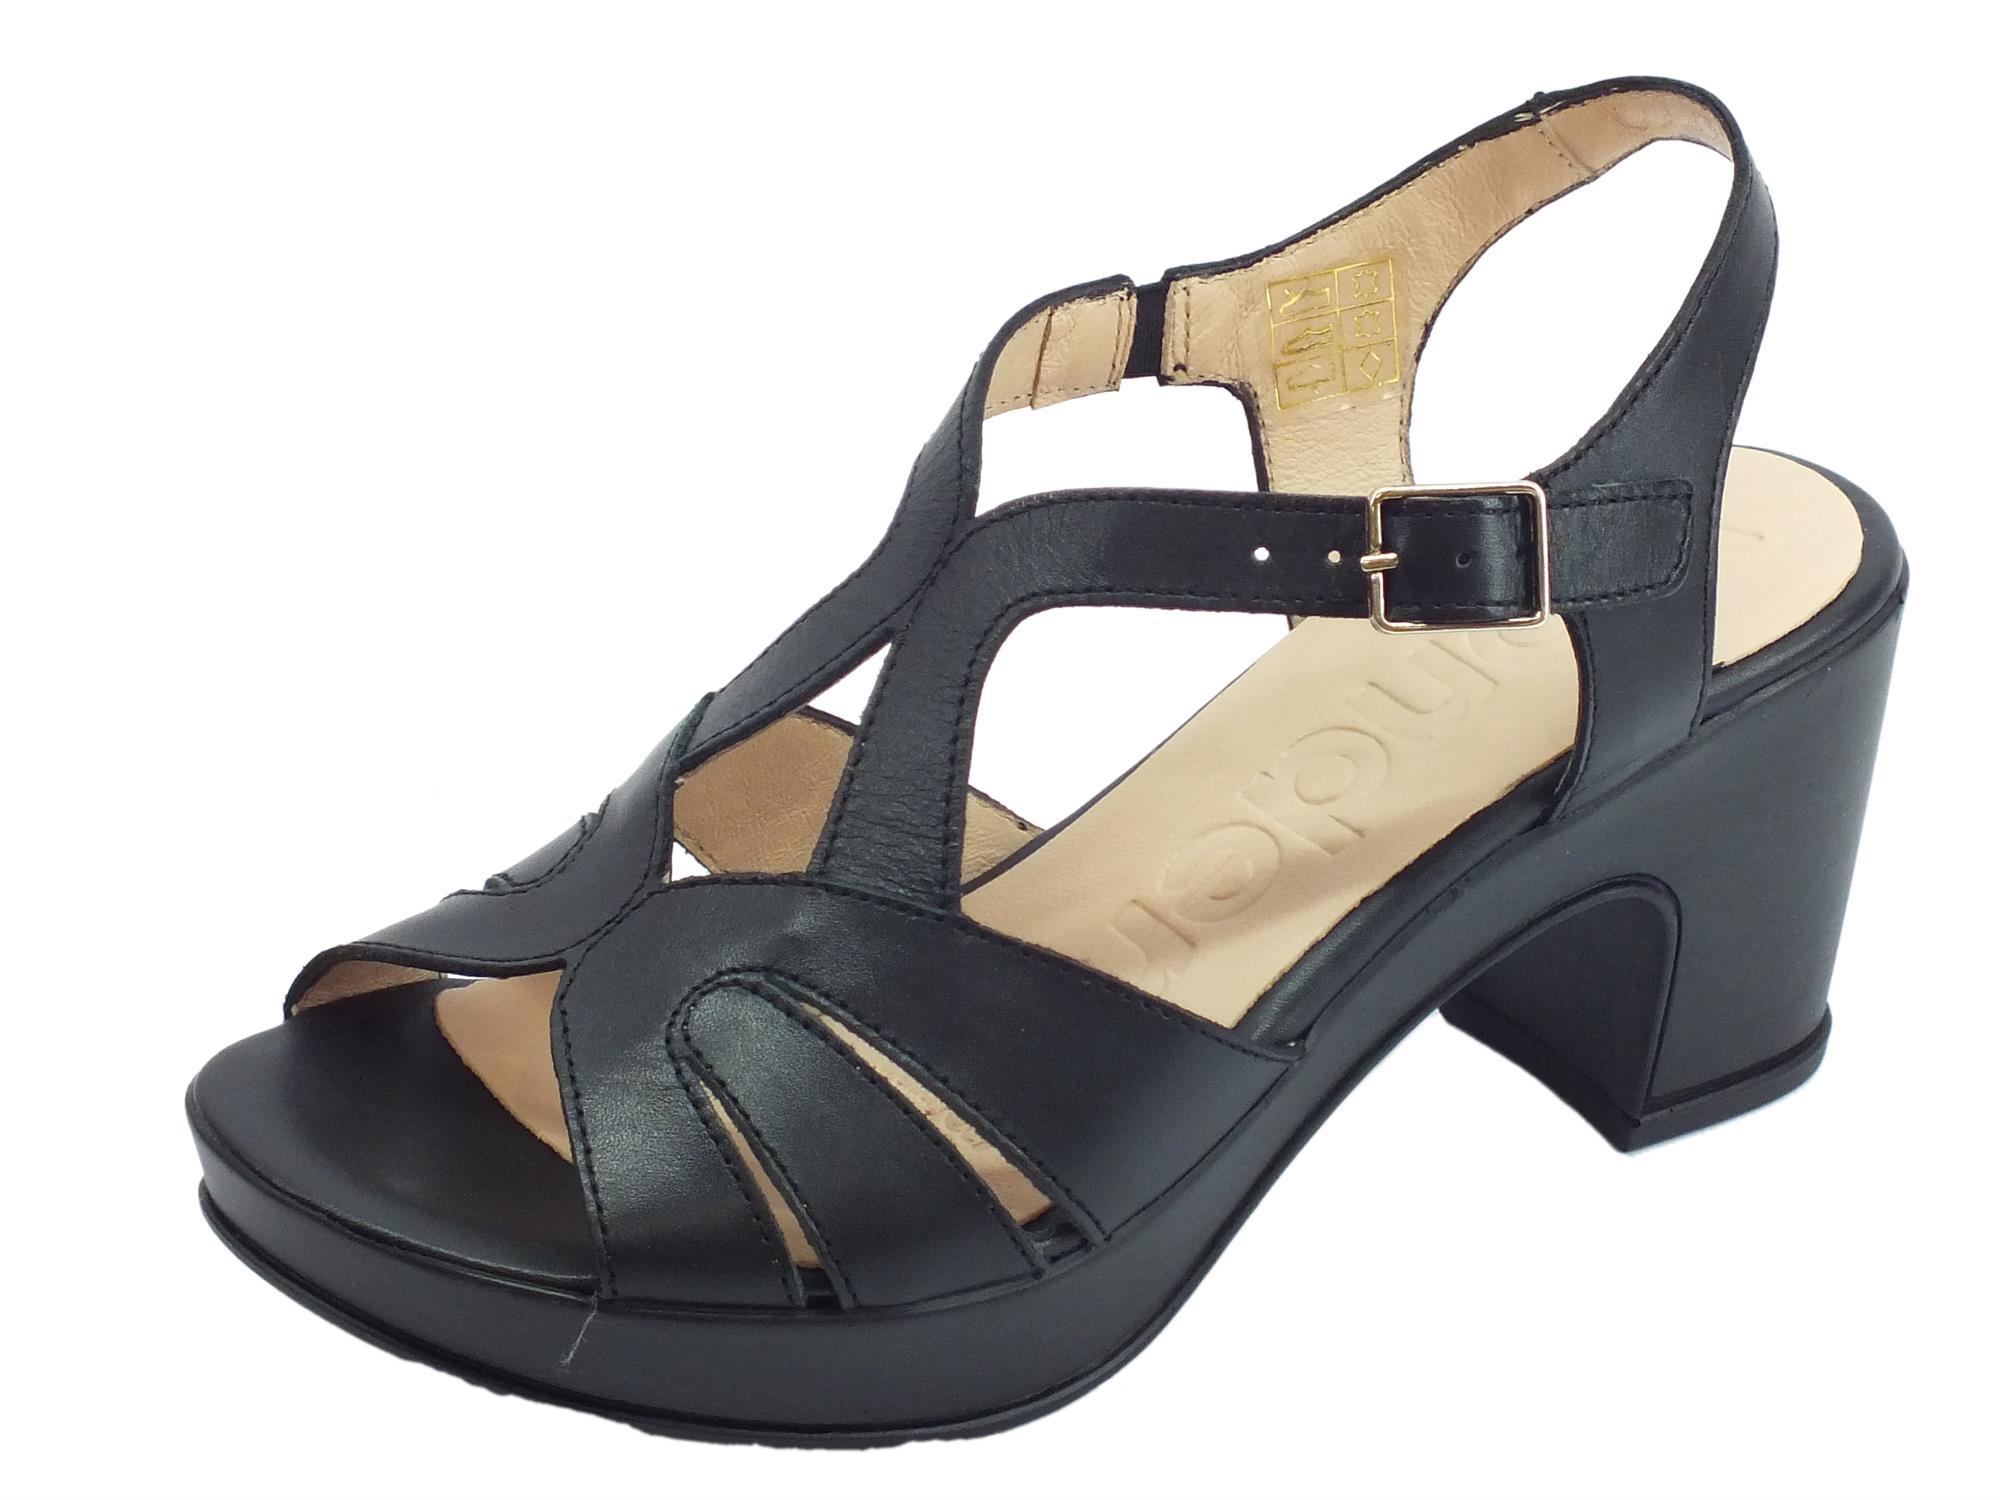 ca2359cbc4f2 Wonders Pergamena sandali con comodo tacco alto per donna in pelle nera